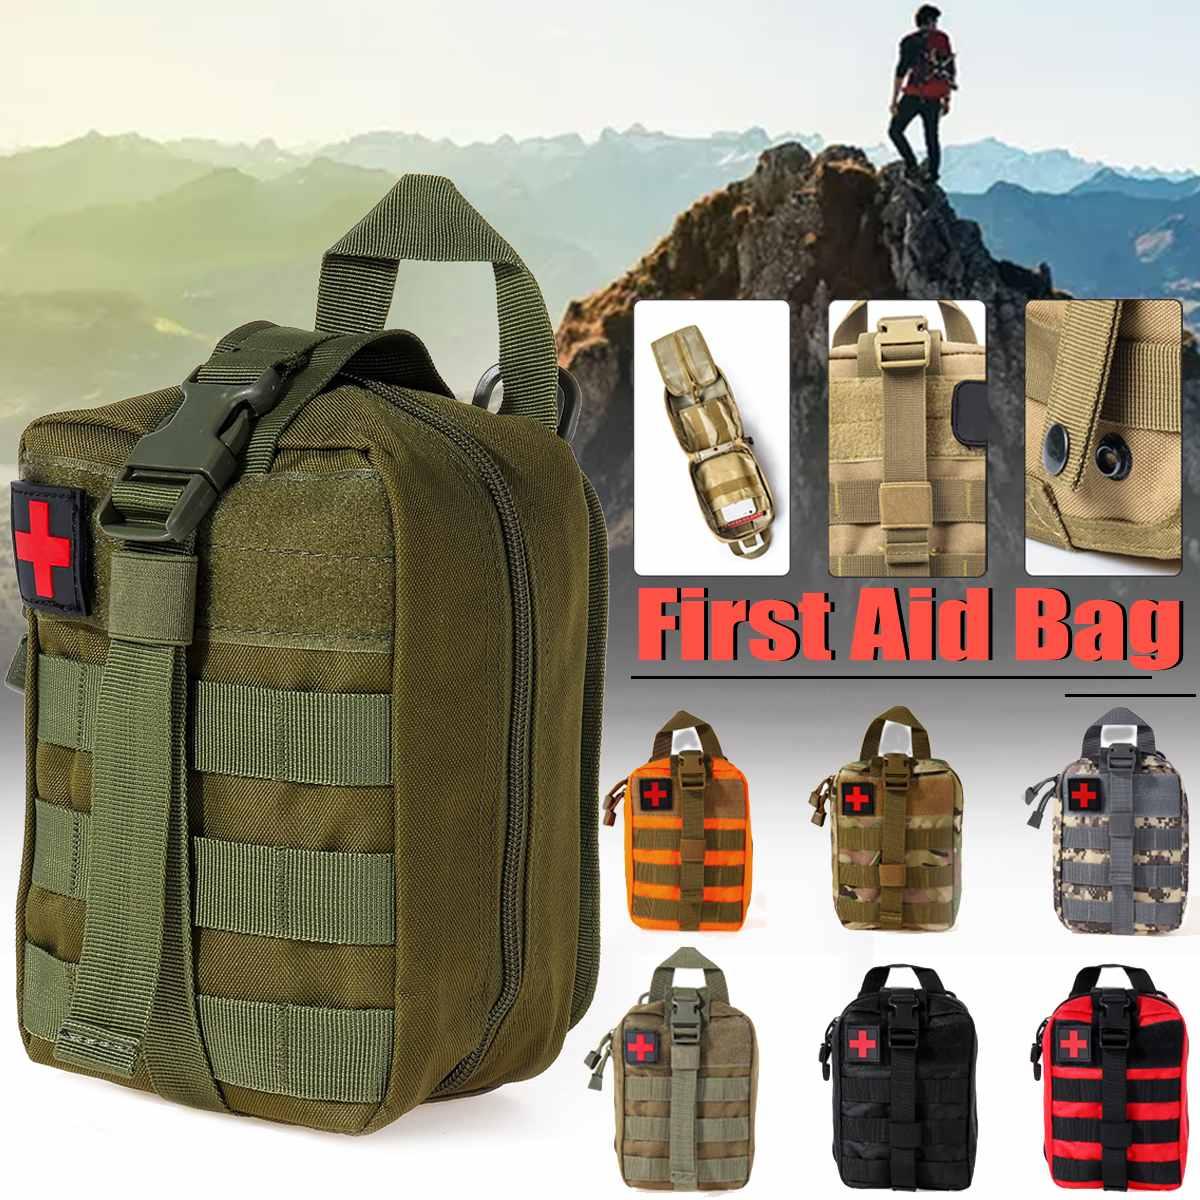 Primeiros Socorros Saco de Acampamento Tático Malote Médico EMT Caixa Tamanho Grande 600D Caça Kit de Sobrevivência de Emergência Ao Ar Livre Pacote de Saco de Nylon